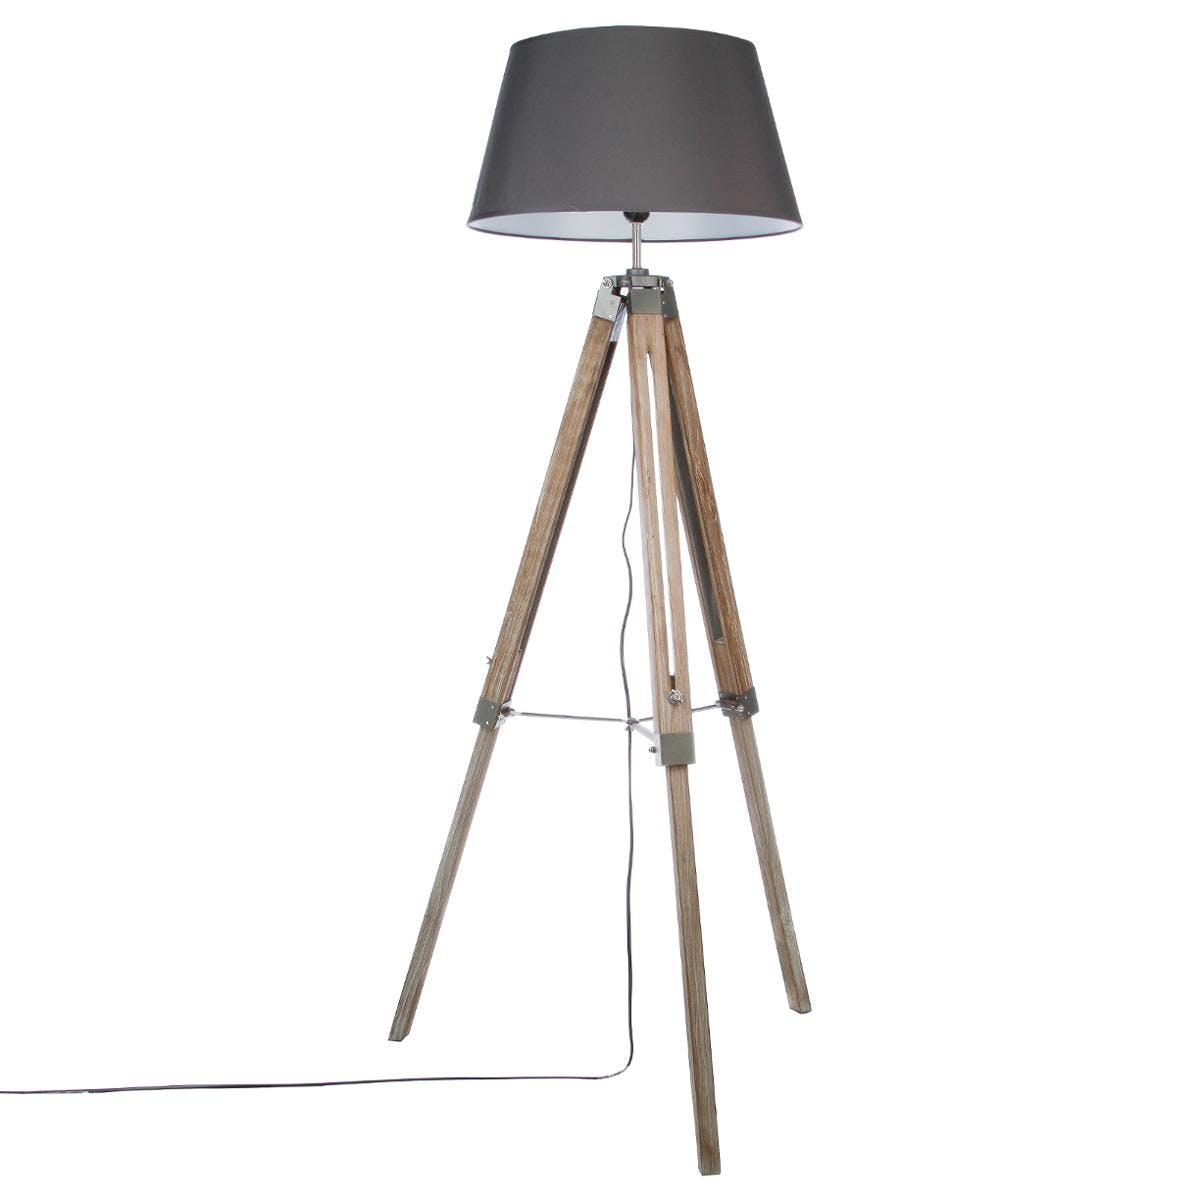 Lampadaire en bois patiné grisé forme trépied et abat-jour gris H145cm